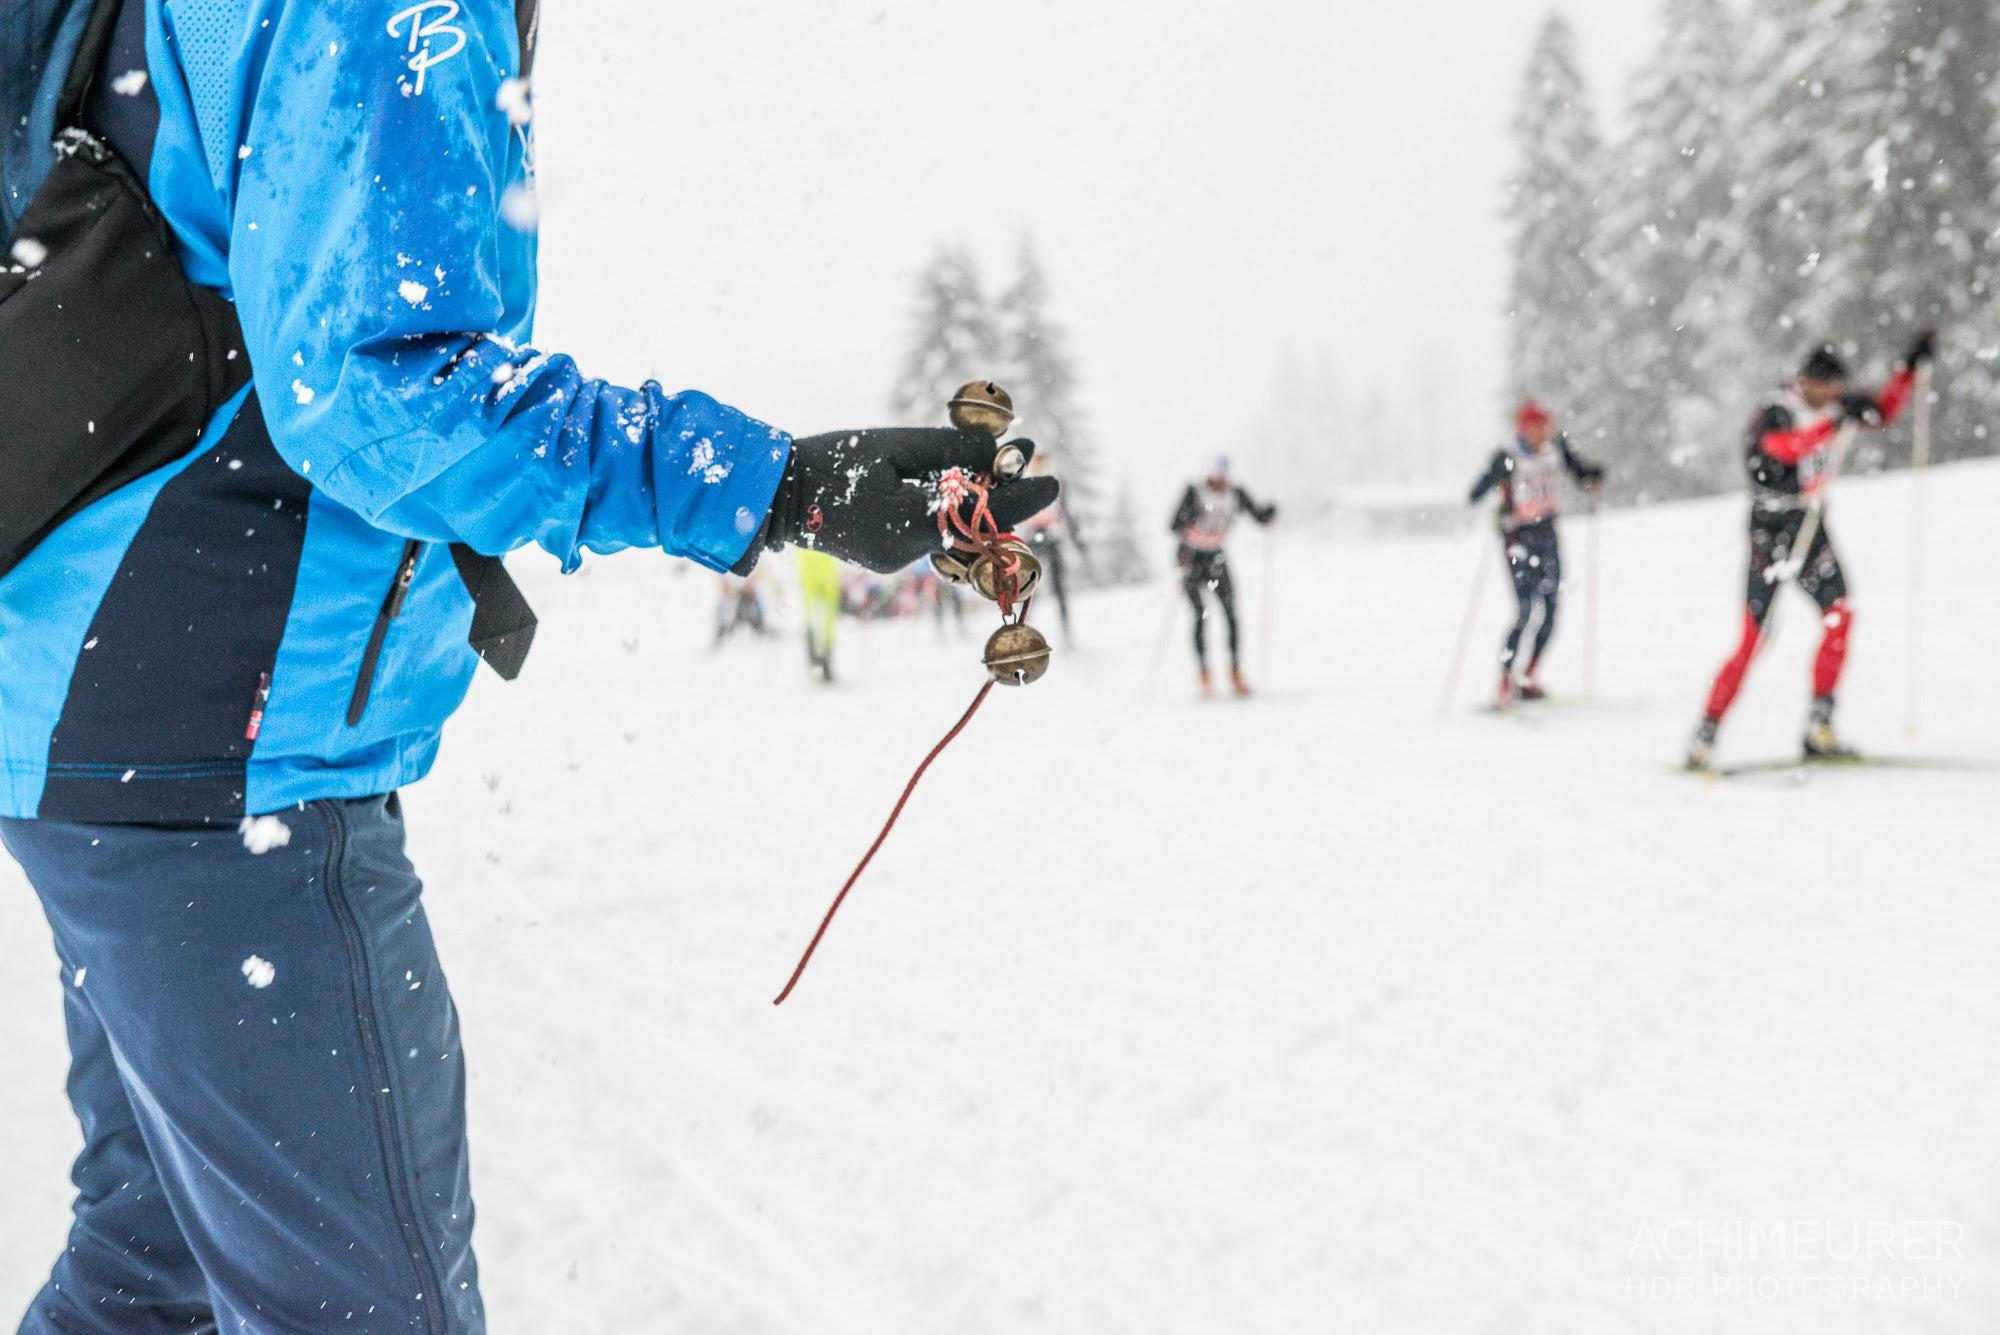 Ein Fan feuert trotz schwierigen Wetterverhältnissen seine Skifahrer an. by Array.